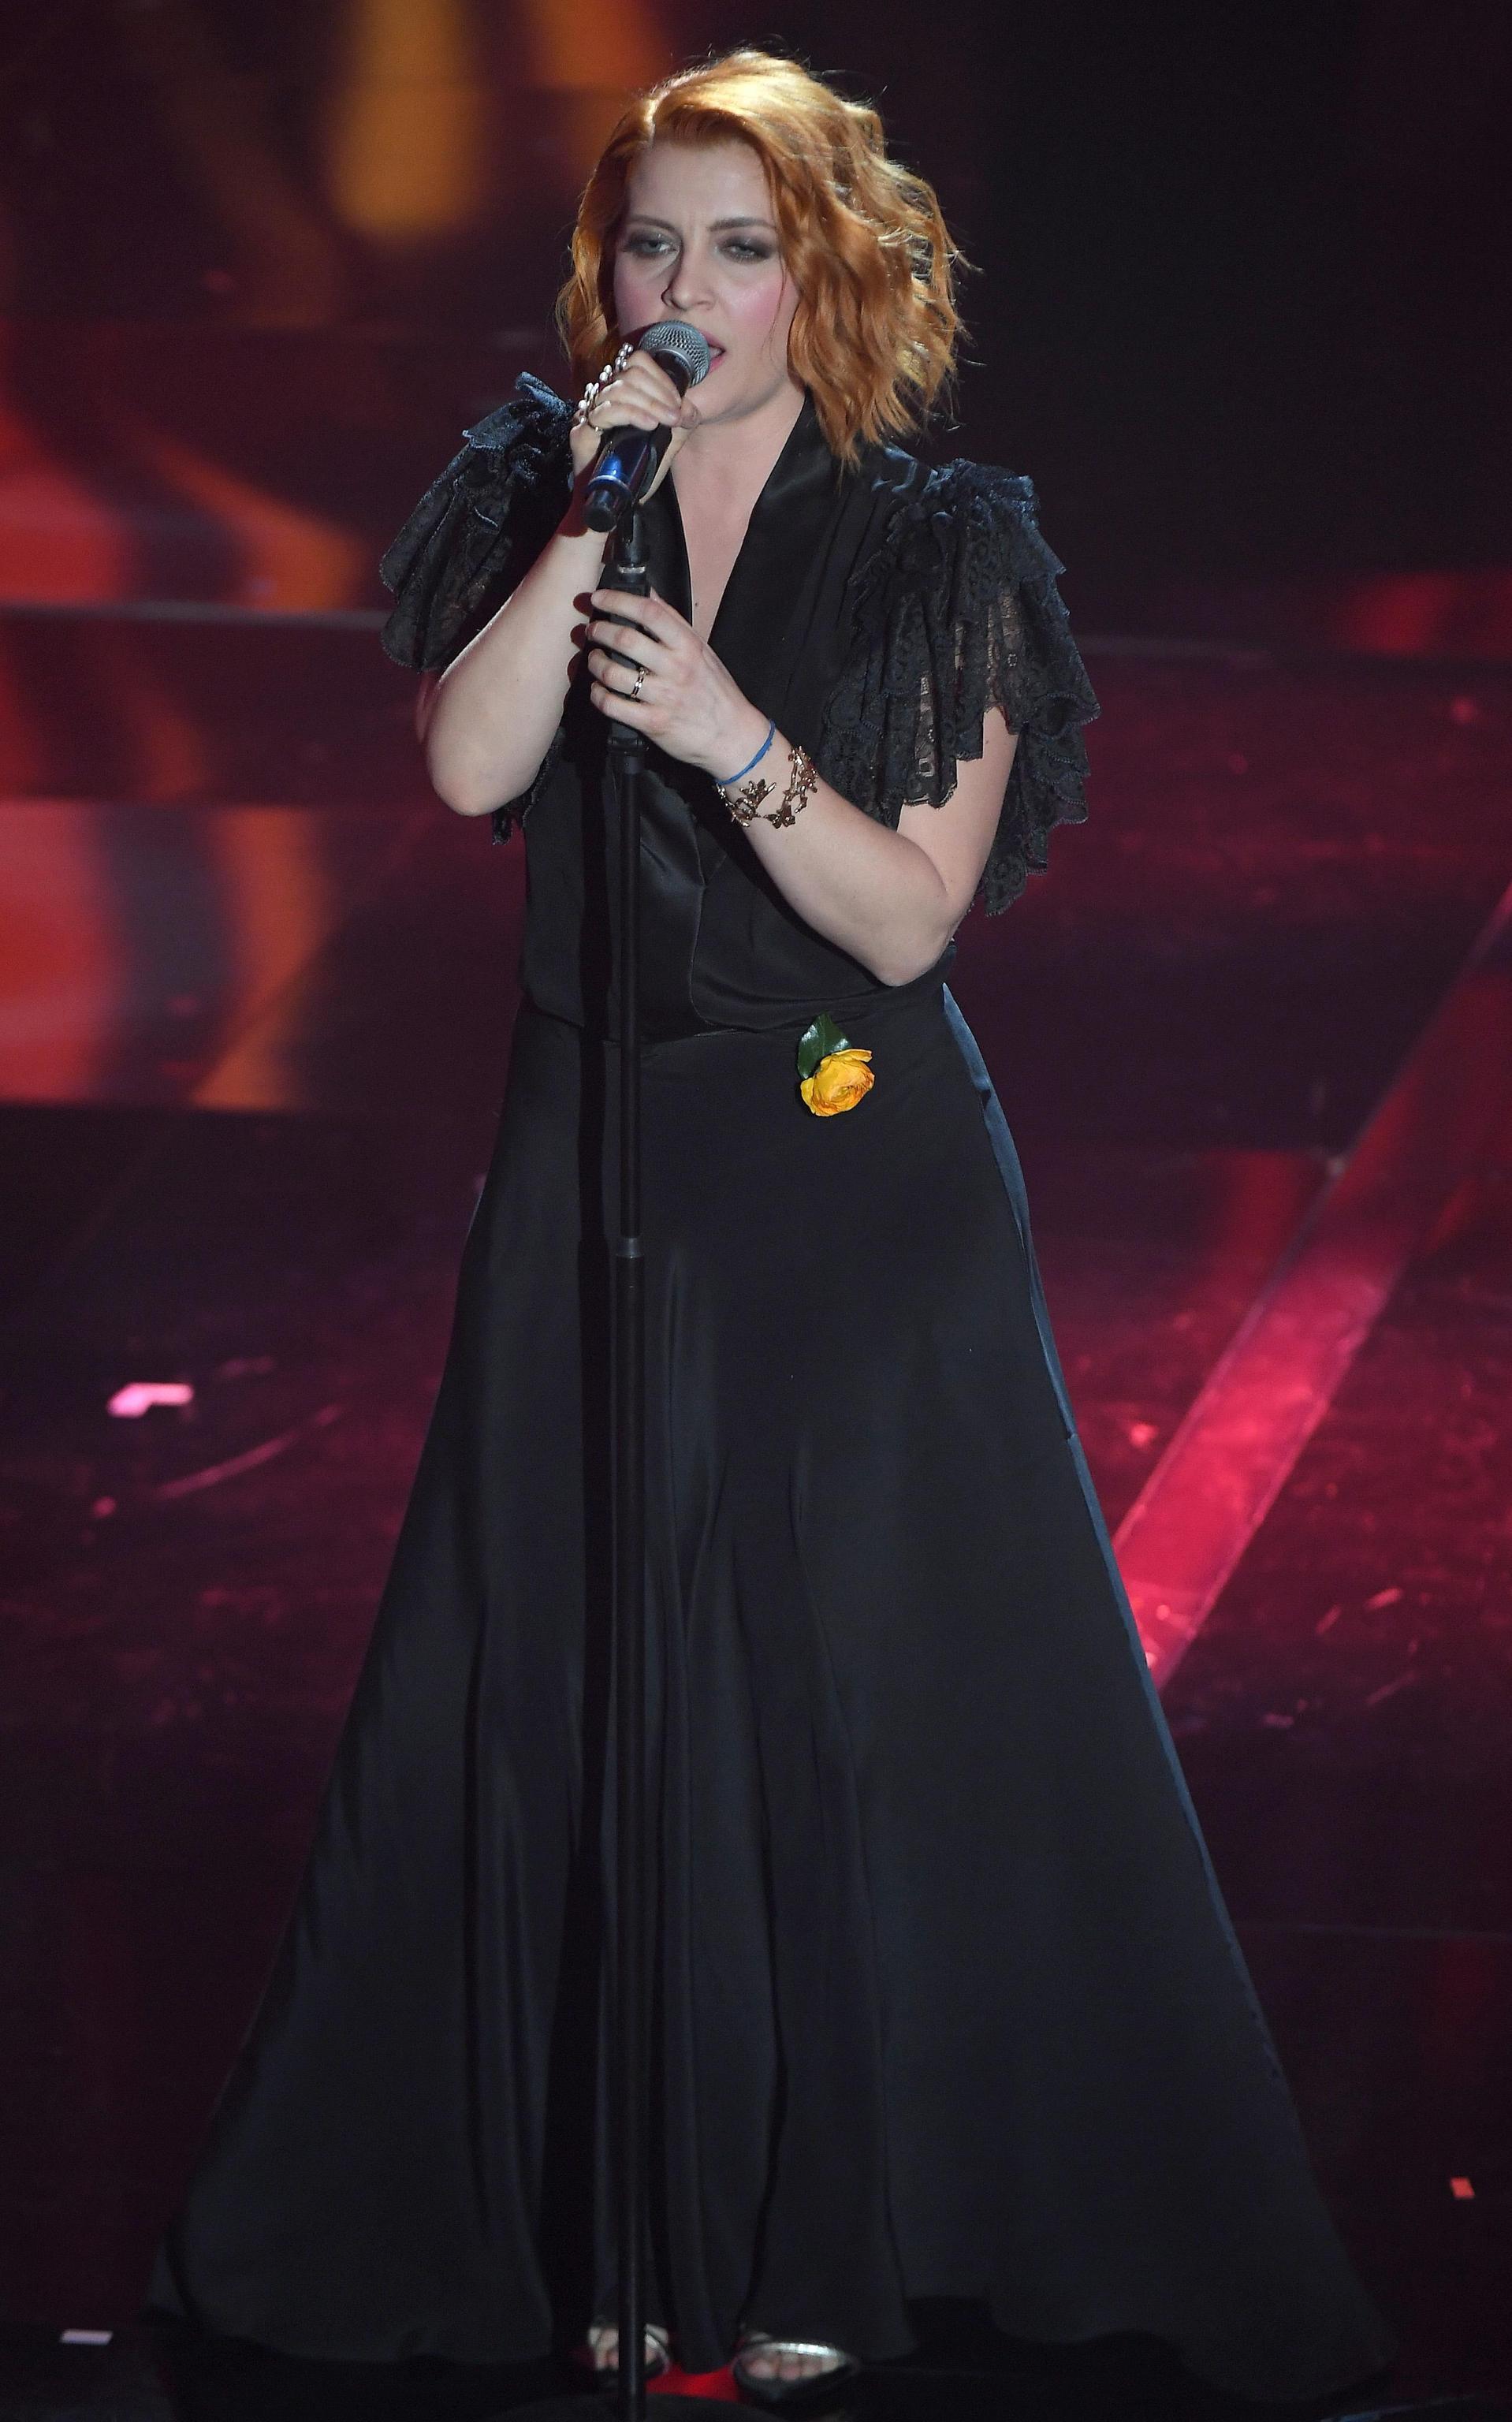 L'abito di Noemi per la finale di Sanremo 2018